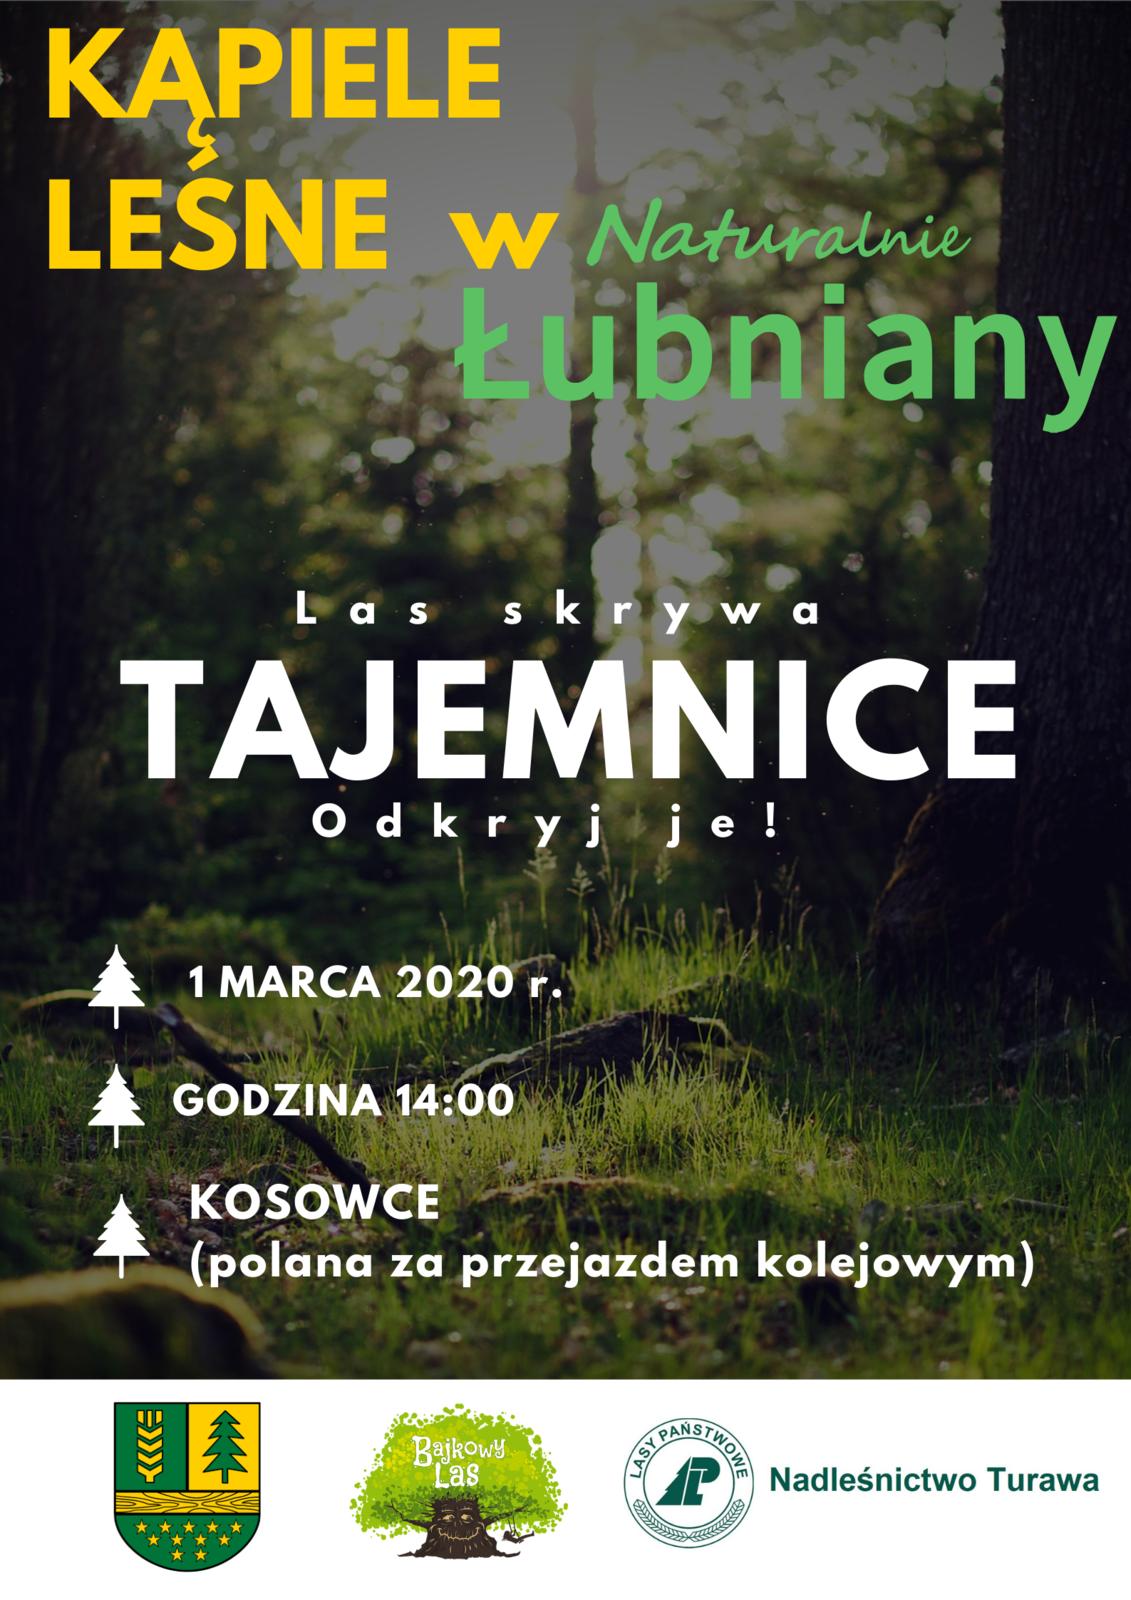 KĄPIELE LEŚne w Naturalnie Łubniany.png